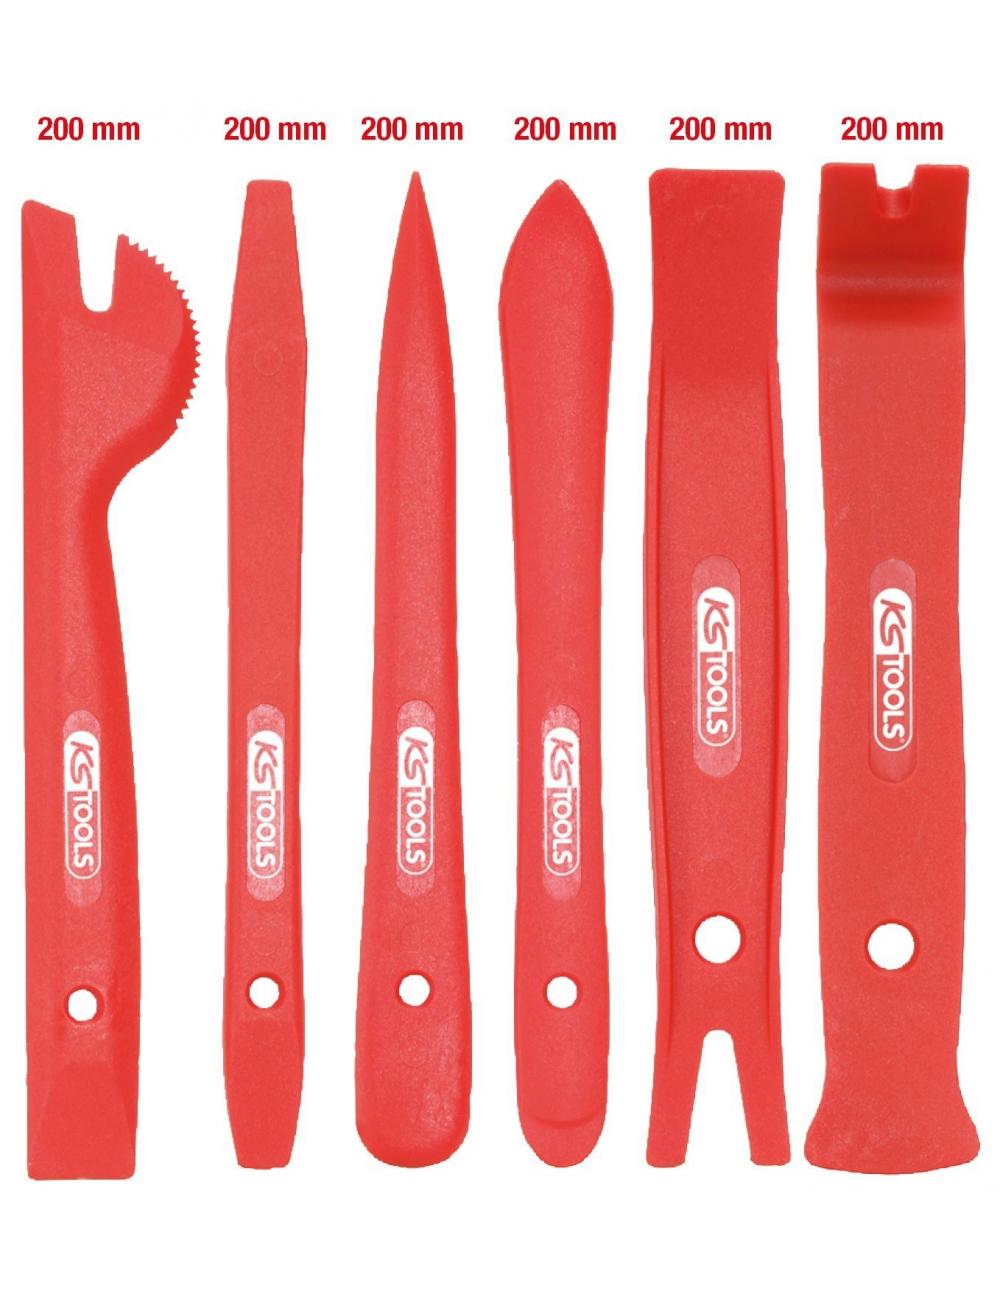 Jeu d'outils pour le démontage des garnitures de portières ABS 6 pces